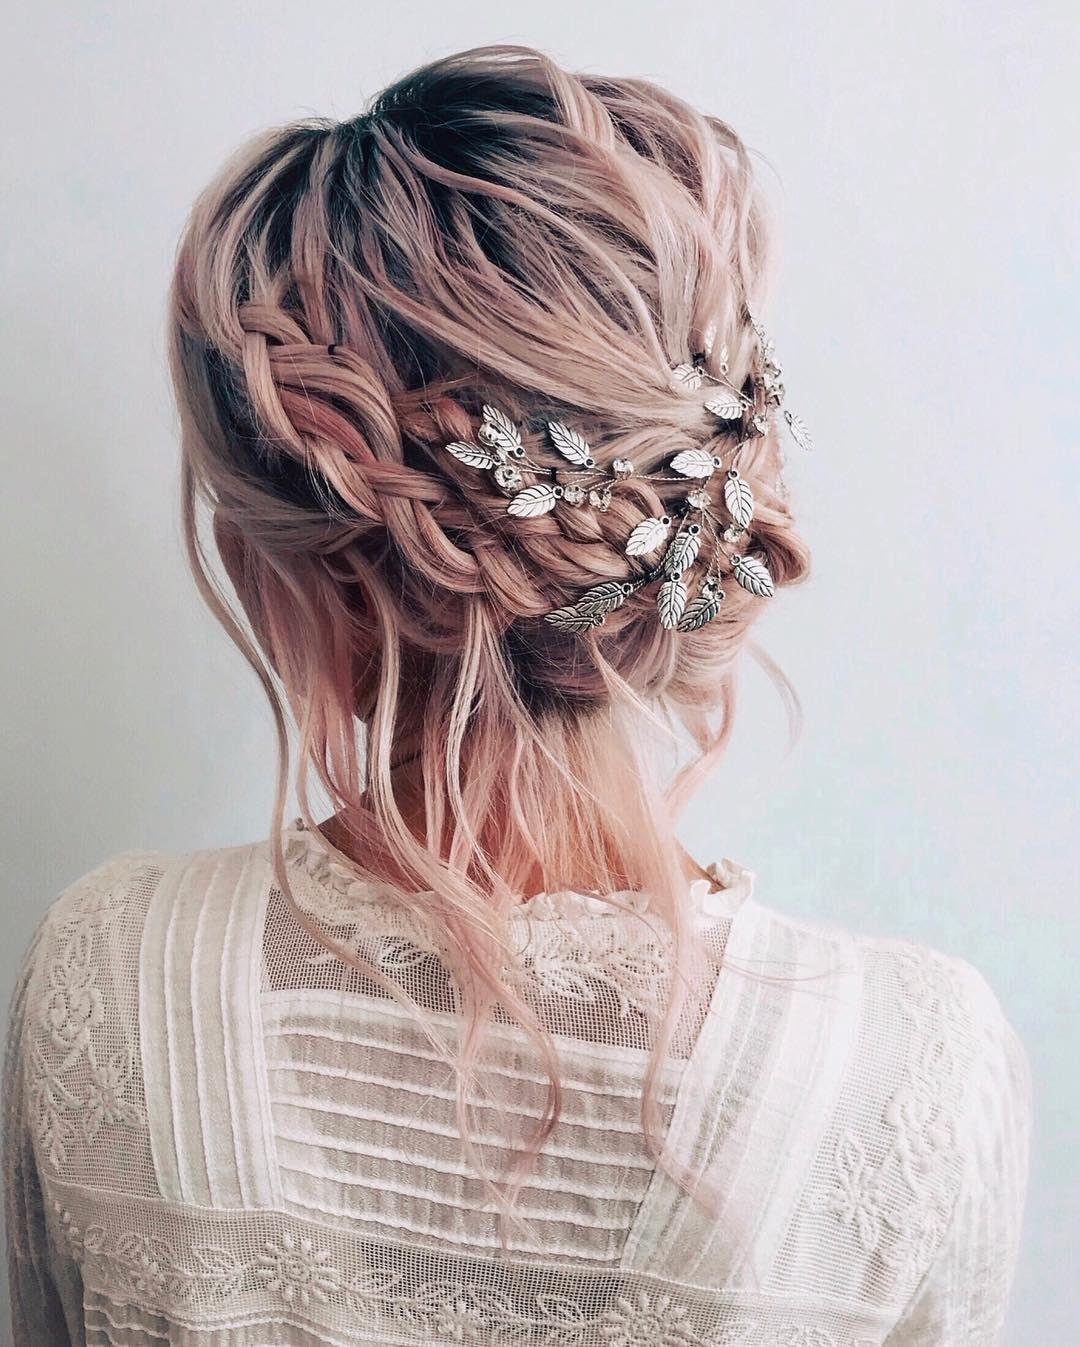 textured braided updo hairstyle | wedding ideas | wedding